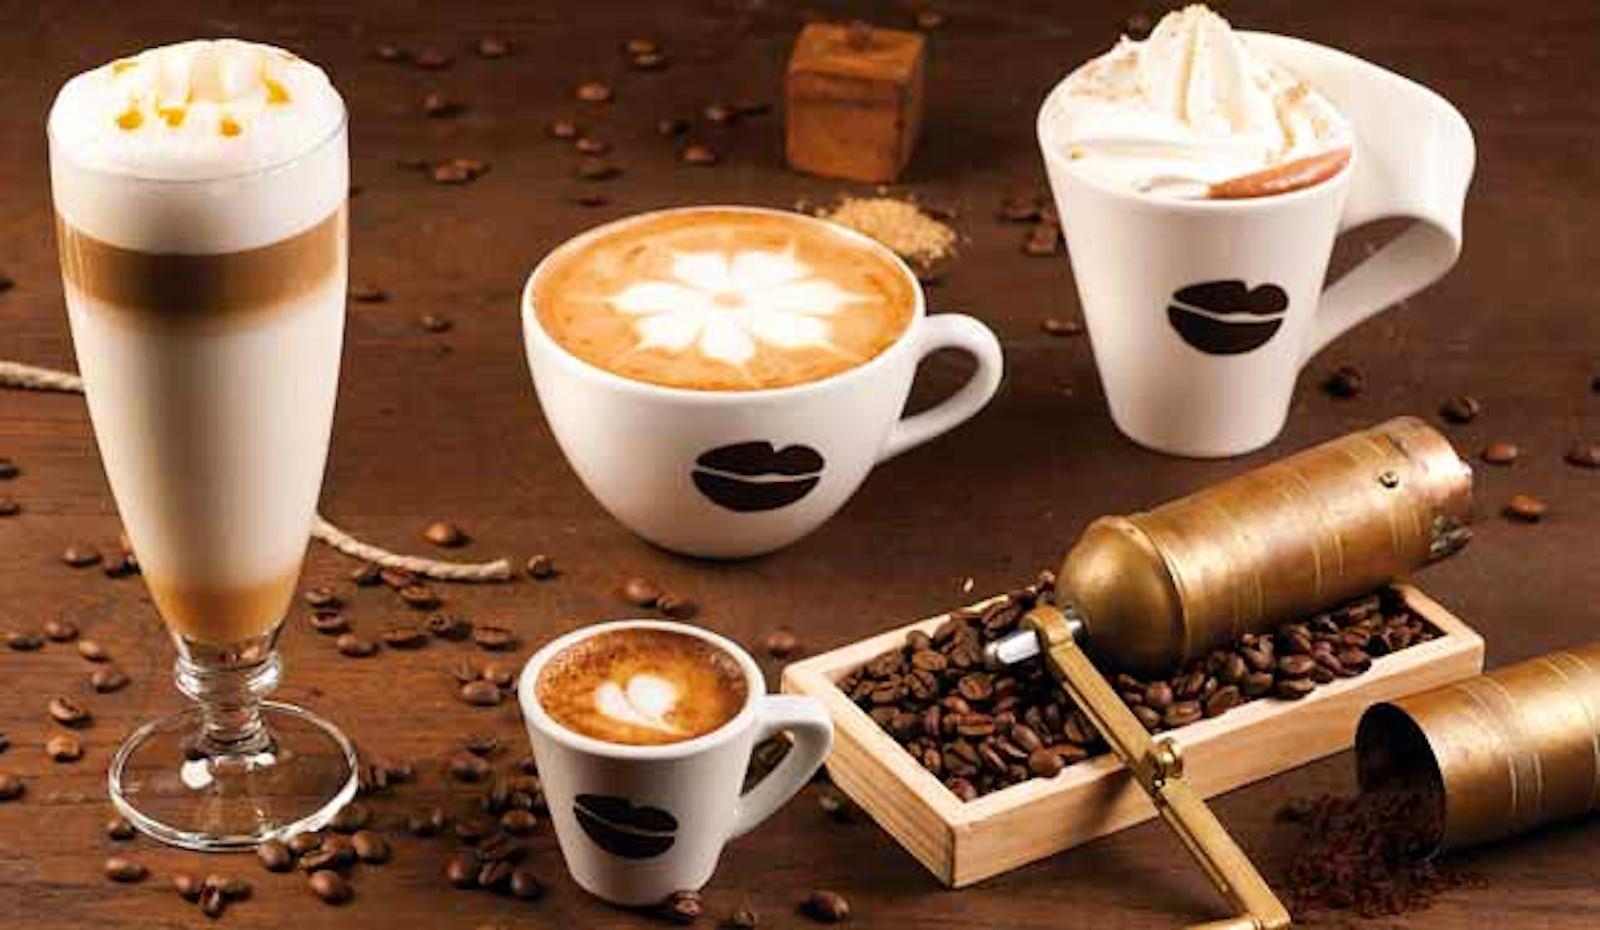 Belgrade S Sweetest Coffee Dream